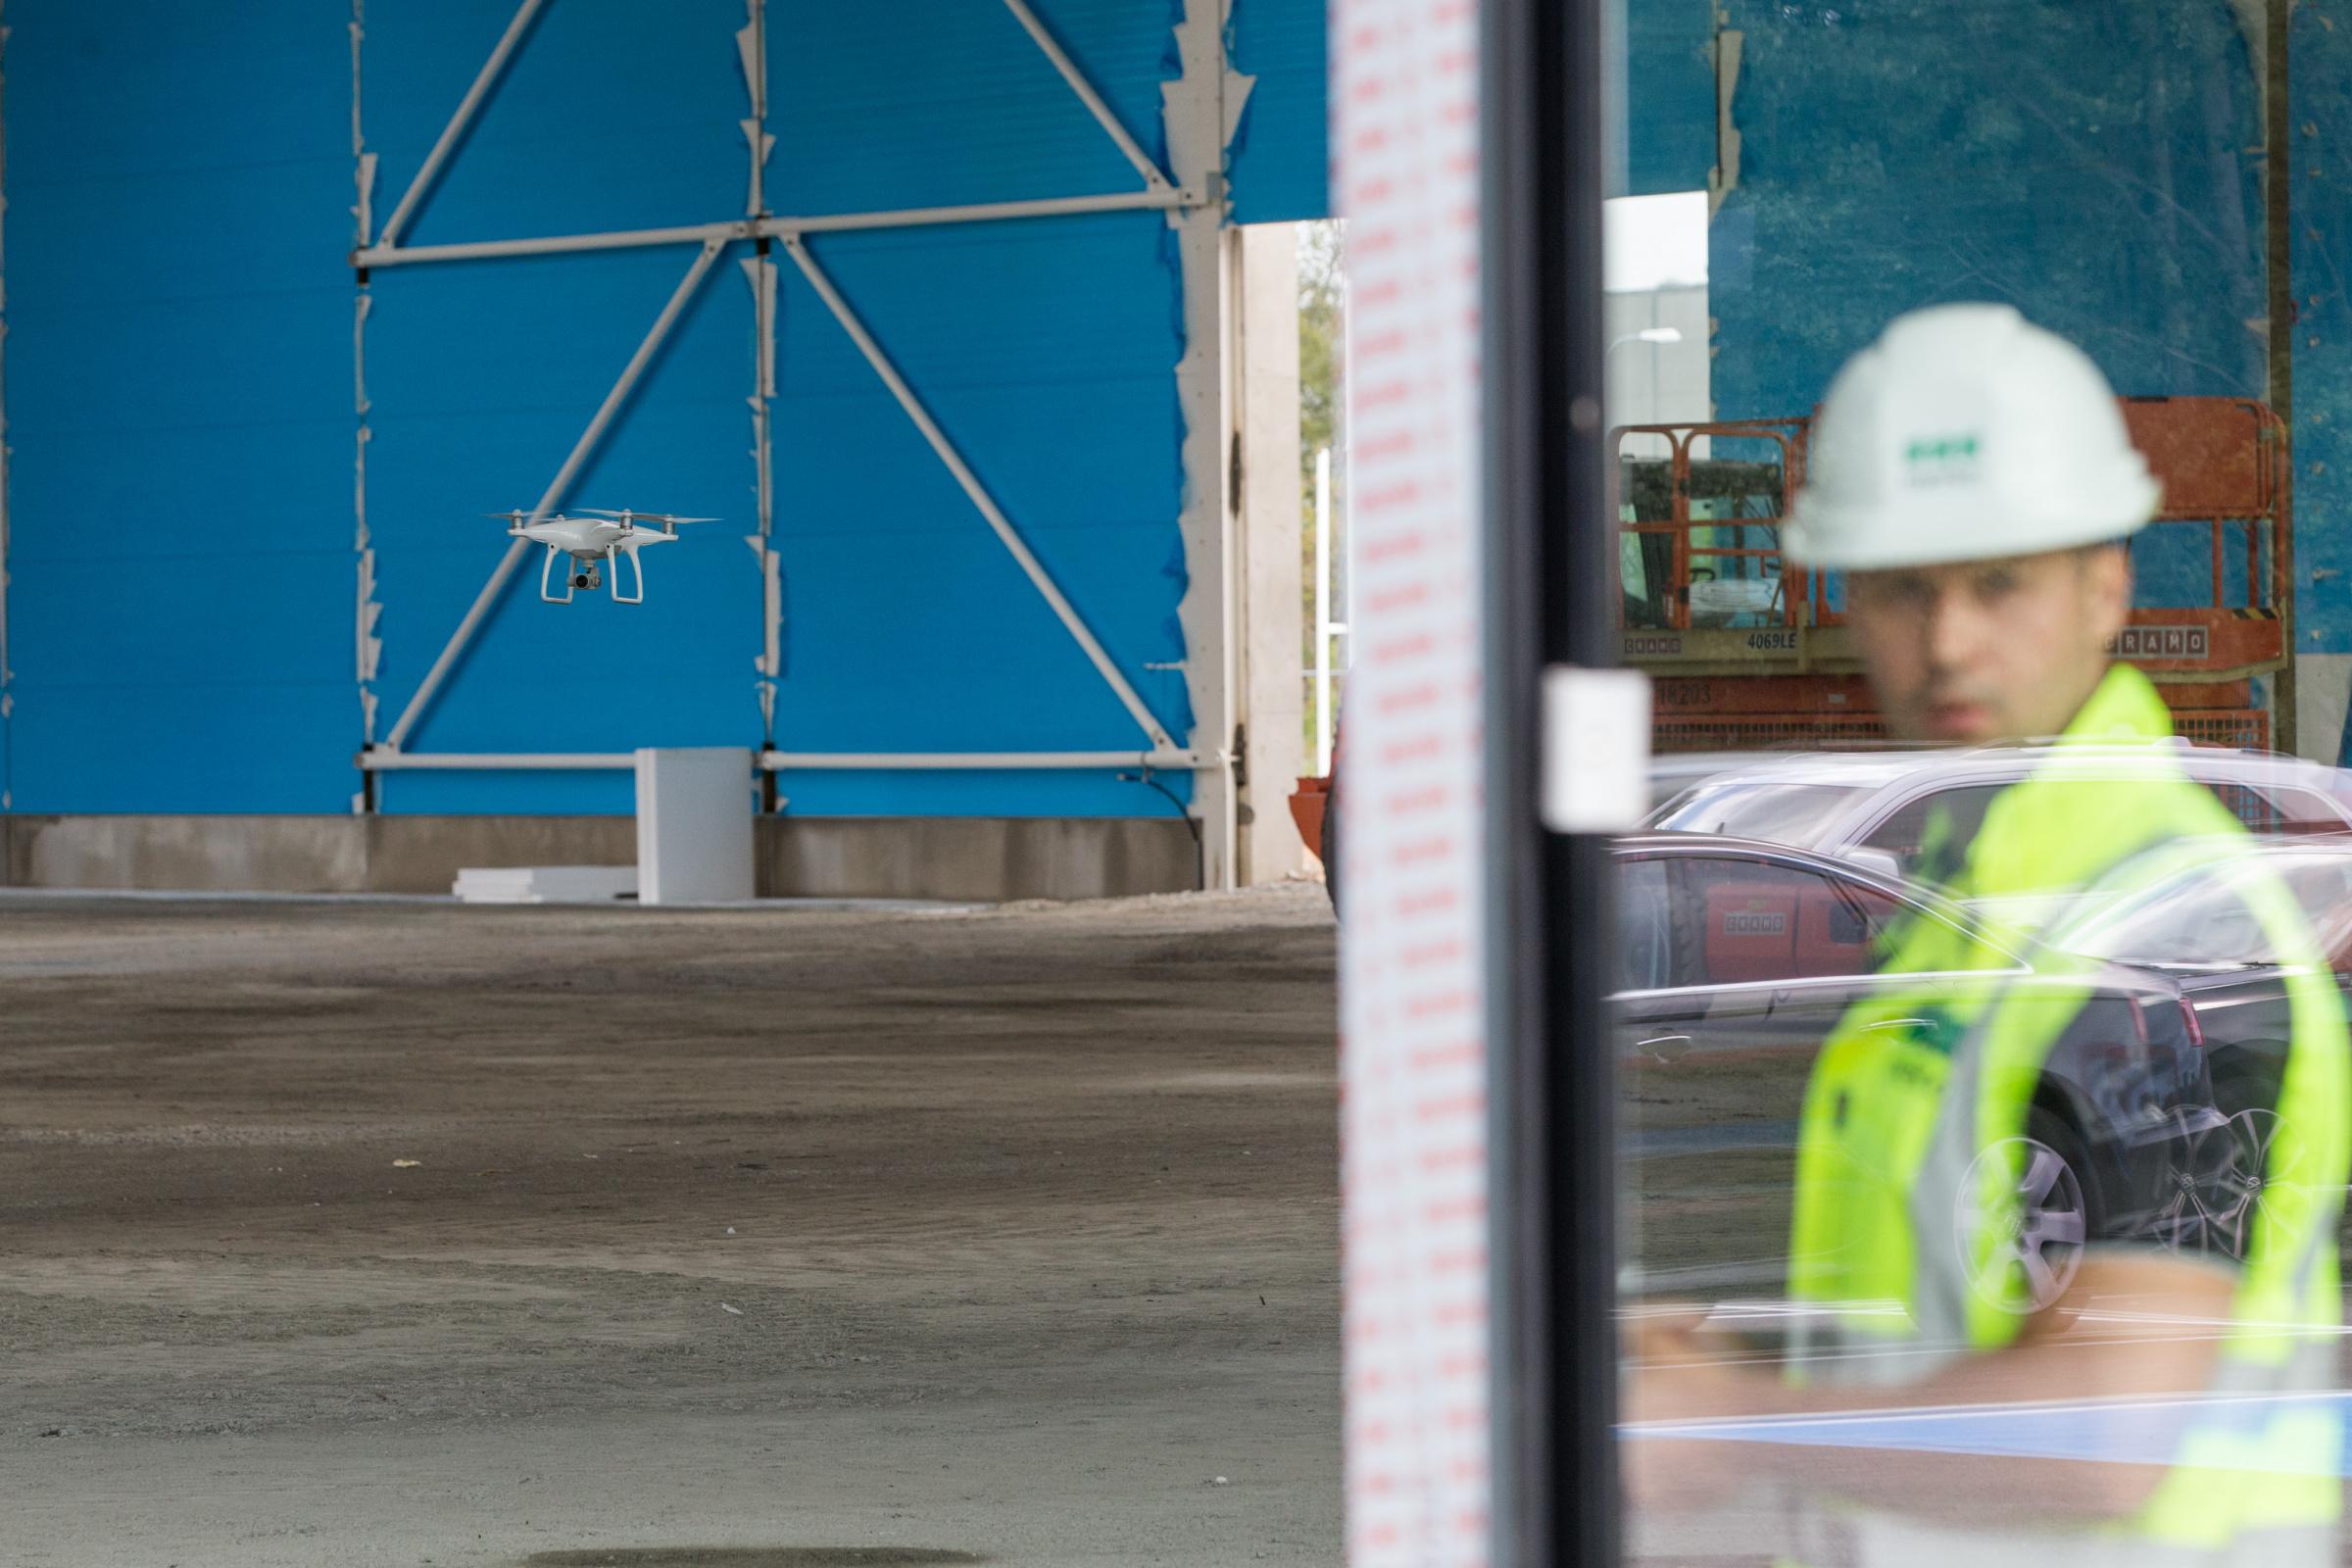 Majandus.ee FOTO: EERO VABAMÄGI/POSTIMEES